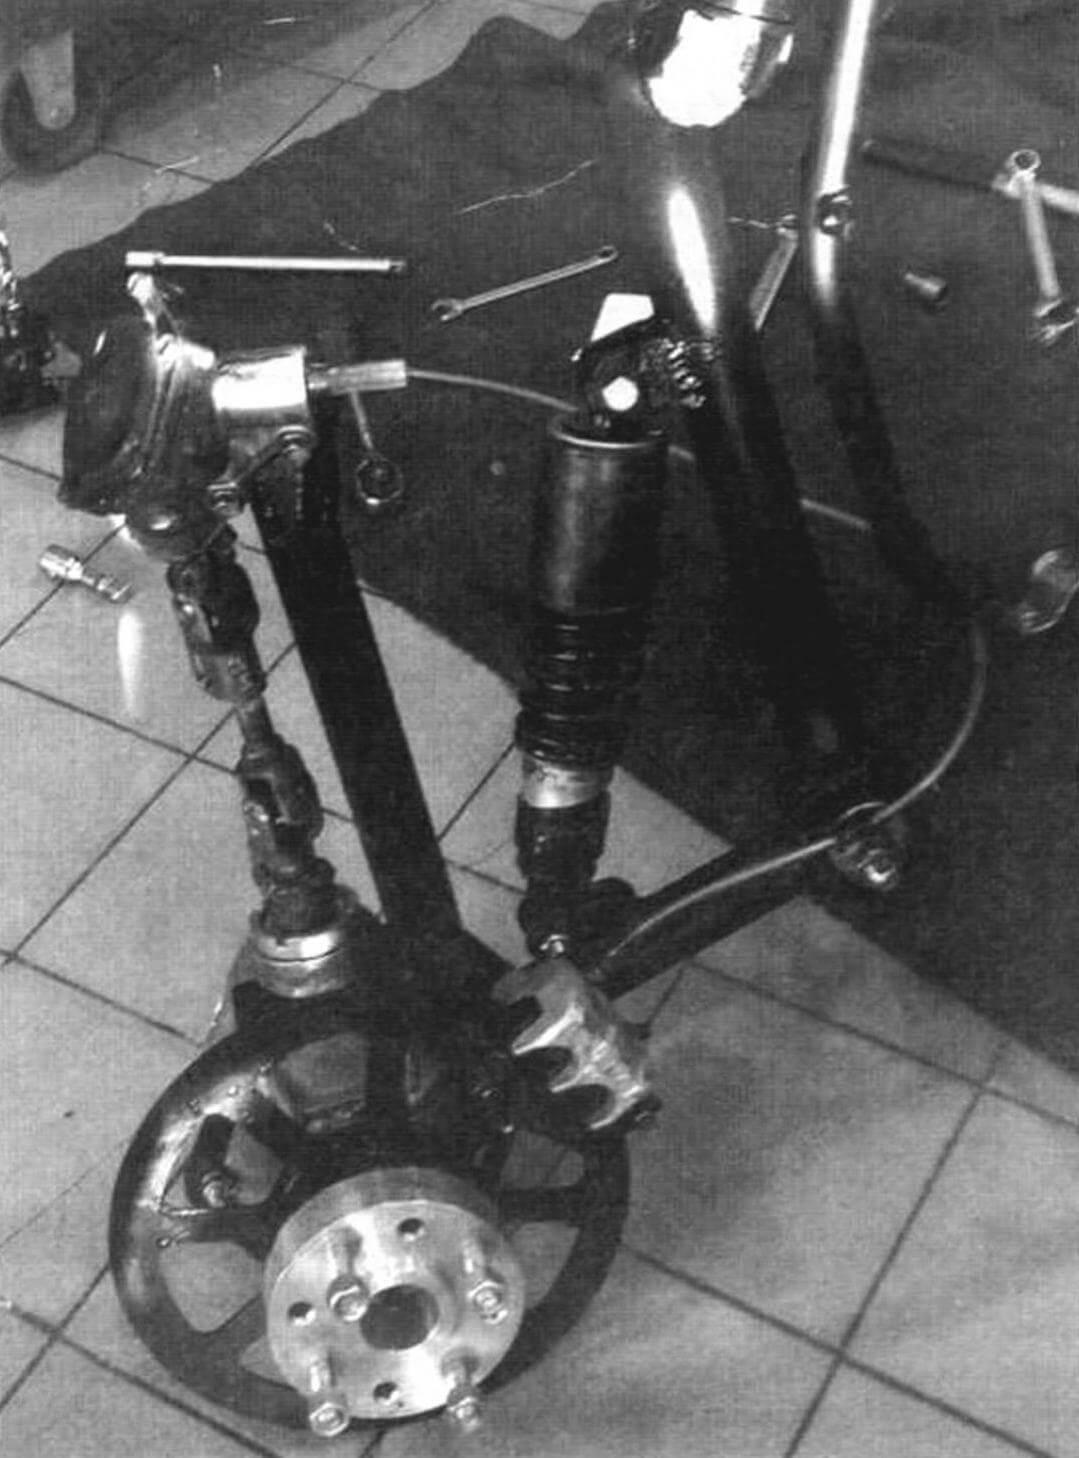 Передняя подвеска с редукторами (колесным и угловым) и дисковым тормозом